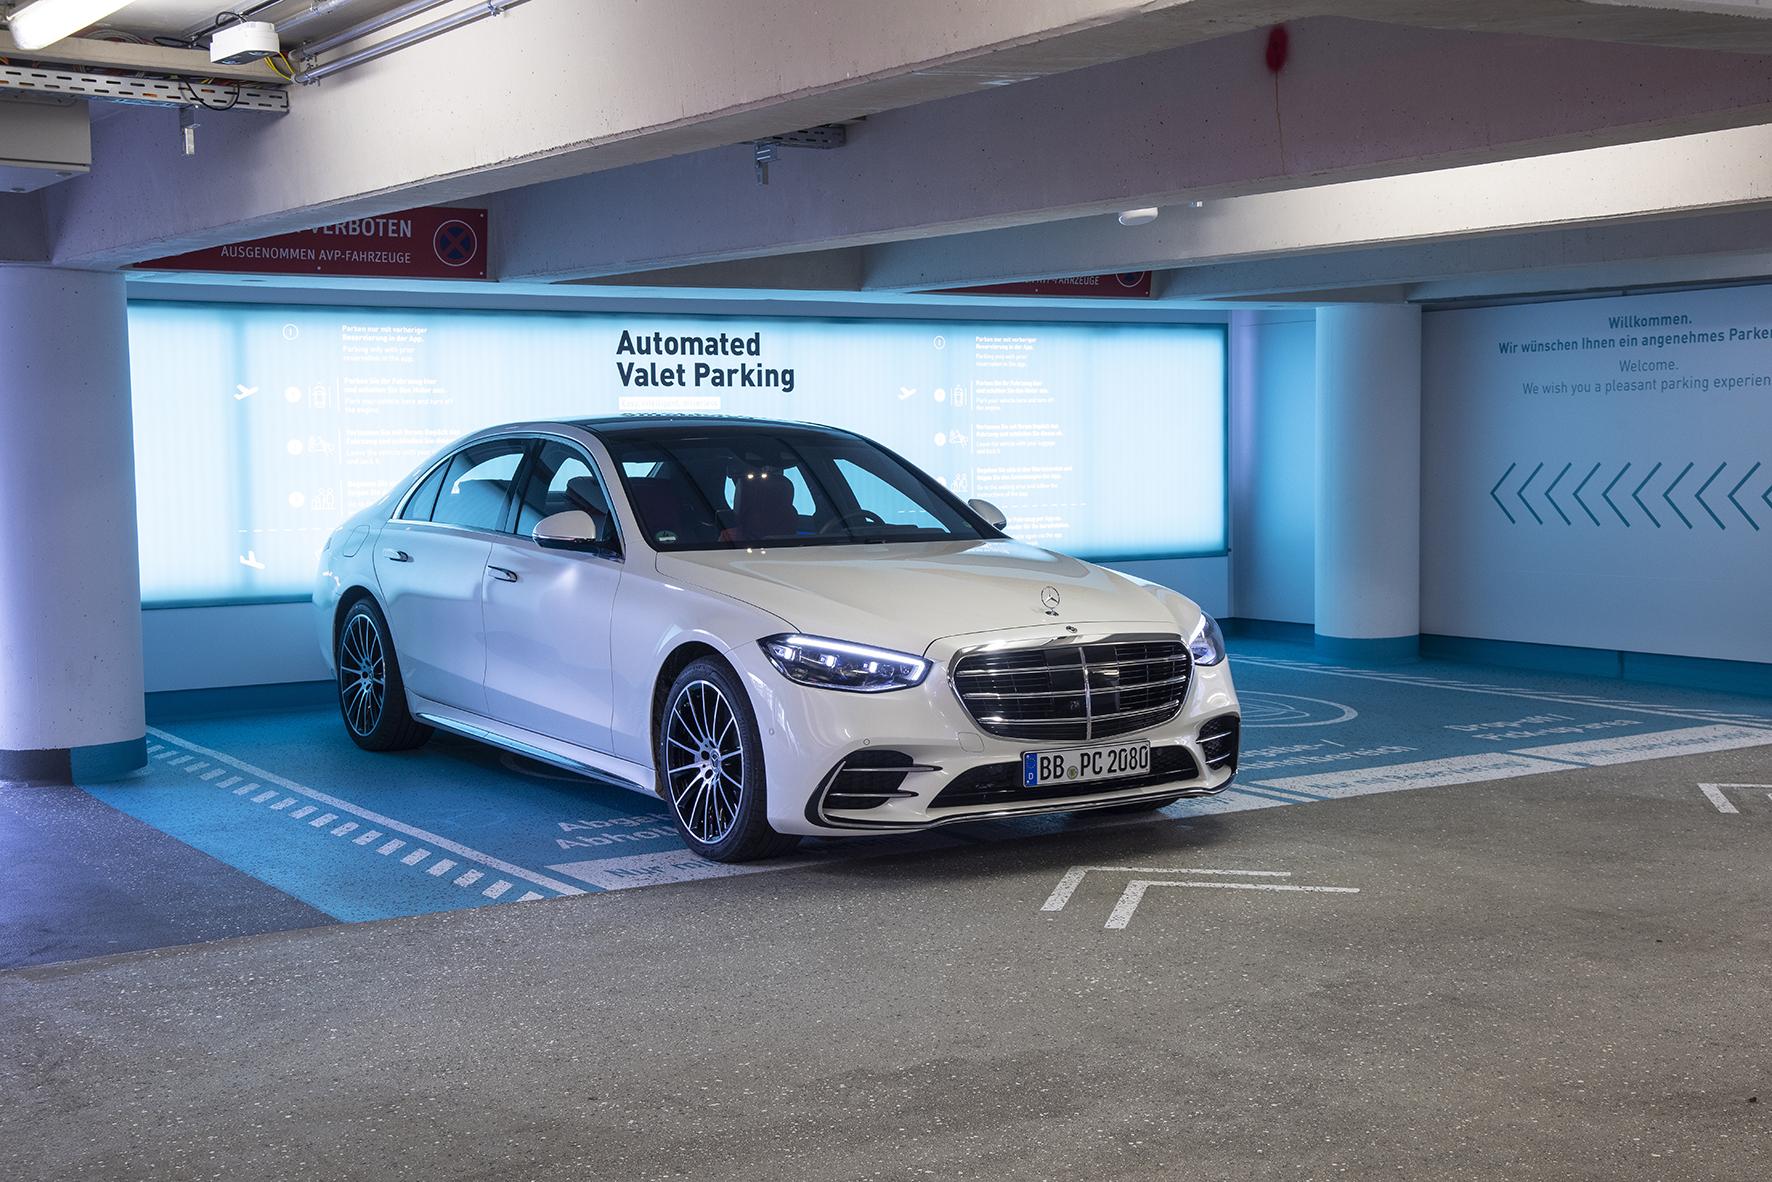 Propojené vozidlo a inteligentní infrastruktura vylepšují automatické parkování